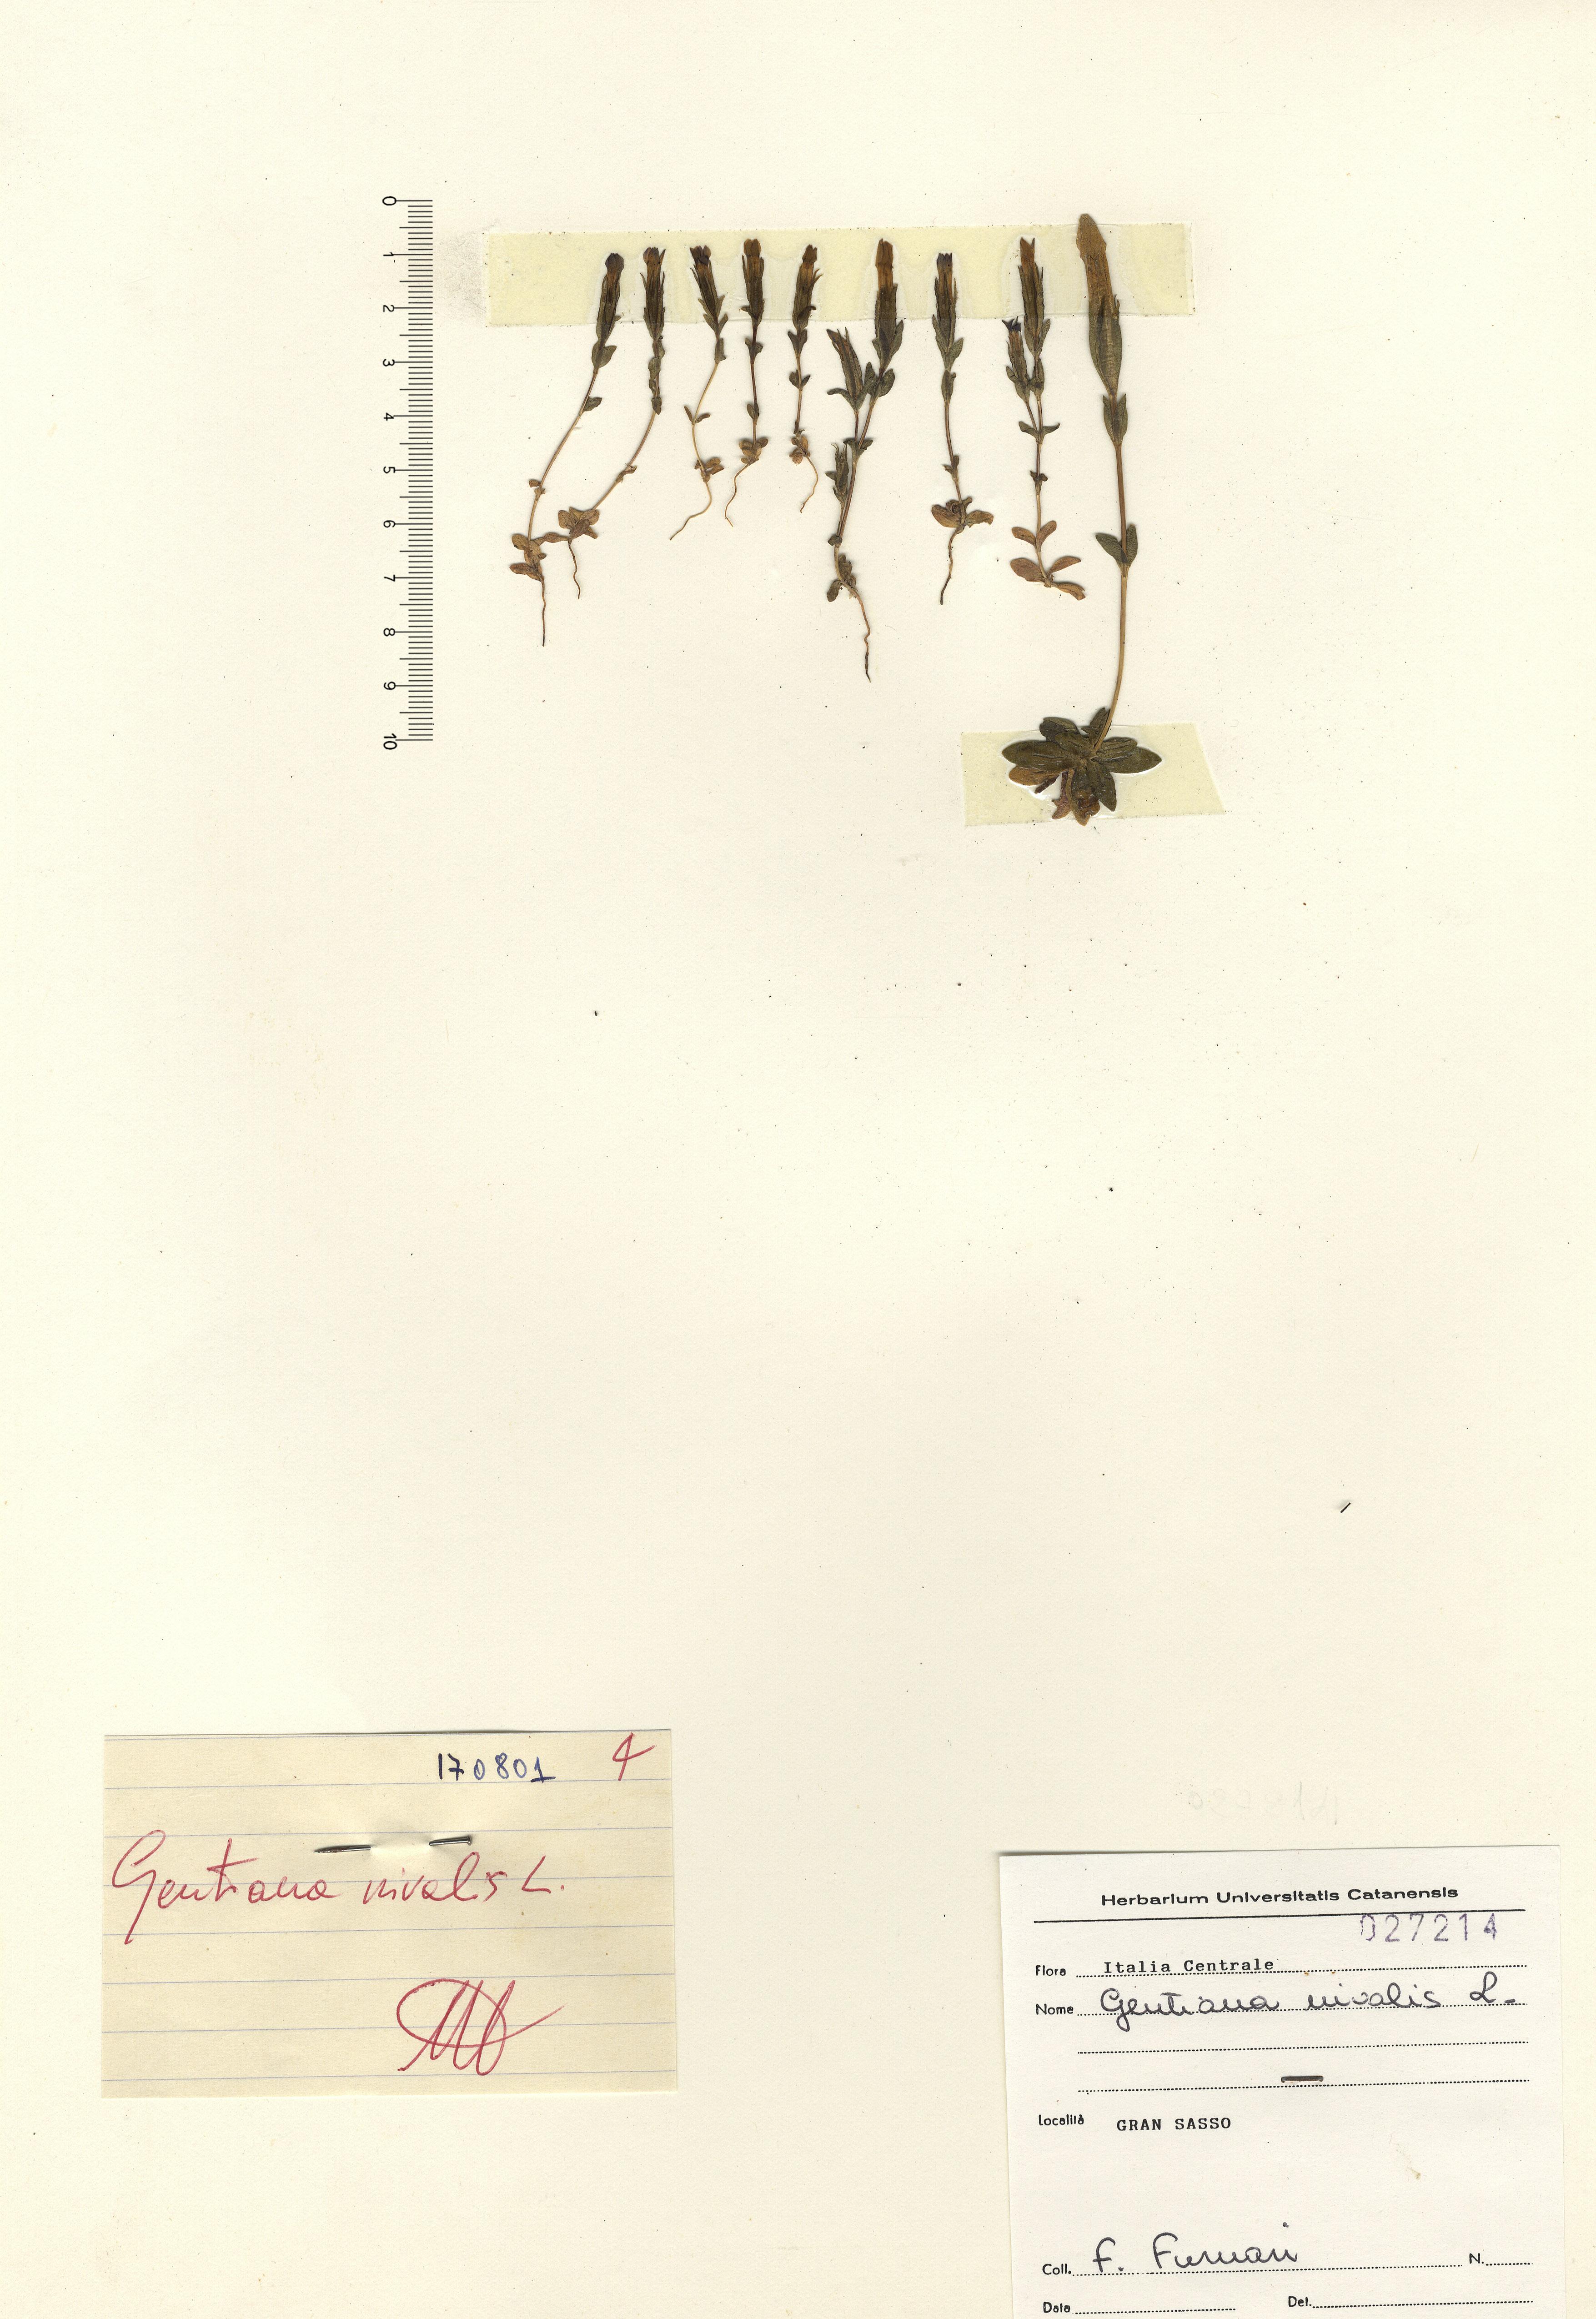 © Hortus Botanicus Catinensis 027214<br>